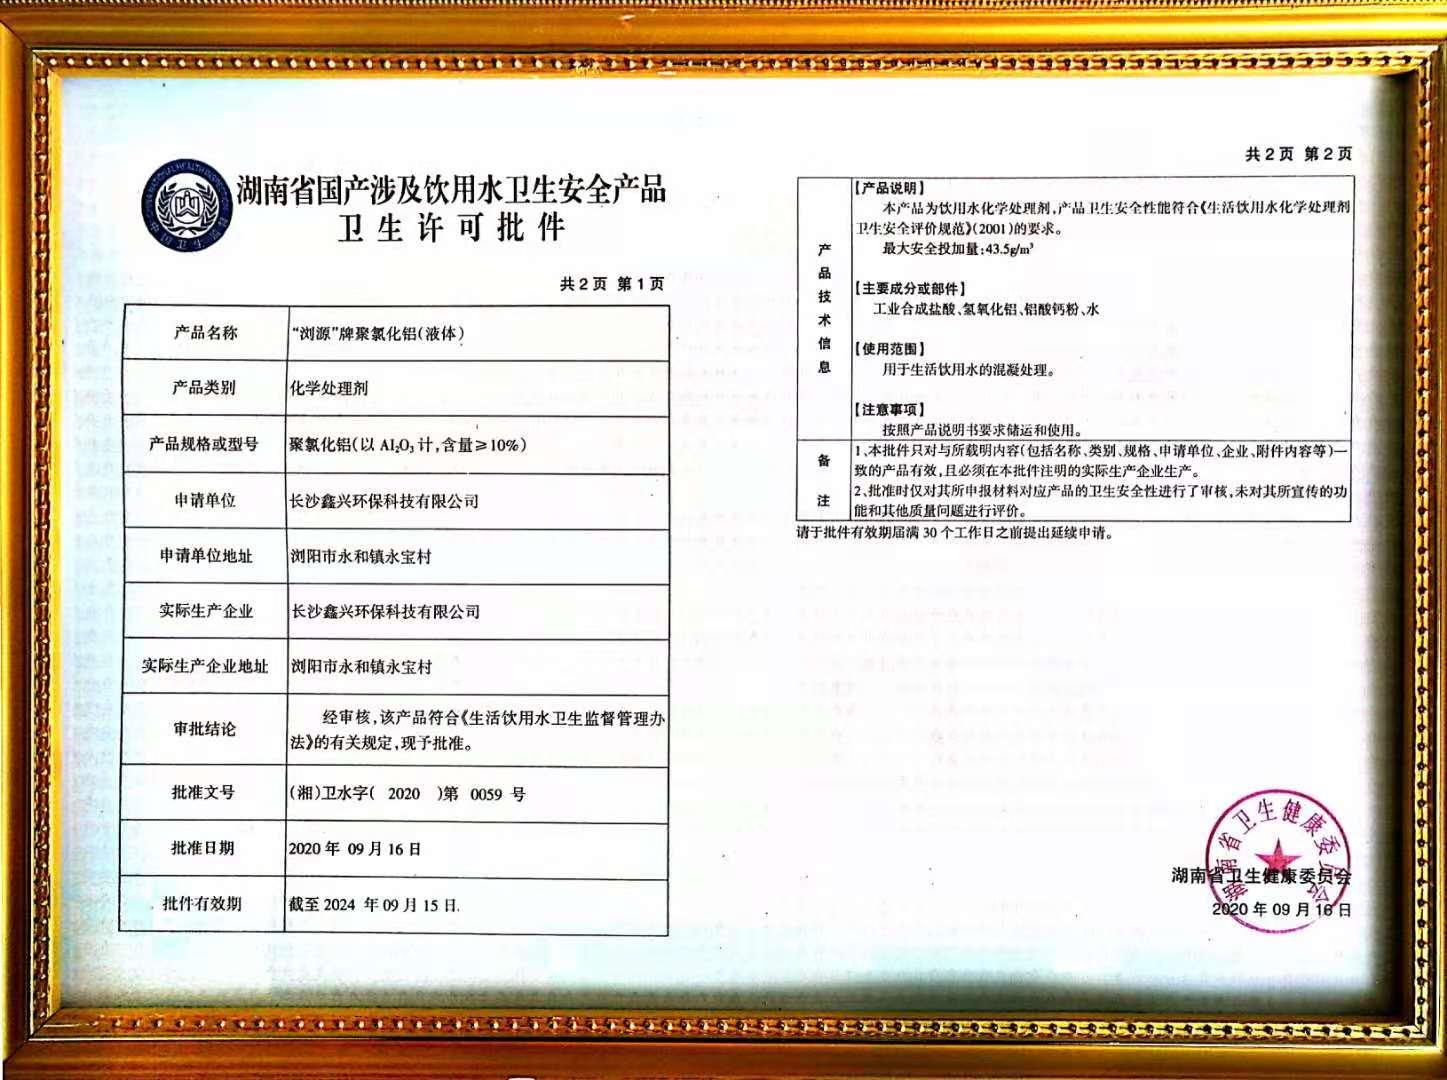 聚雷竞技app官网网站液体卫生许可证批件